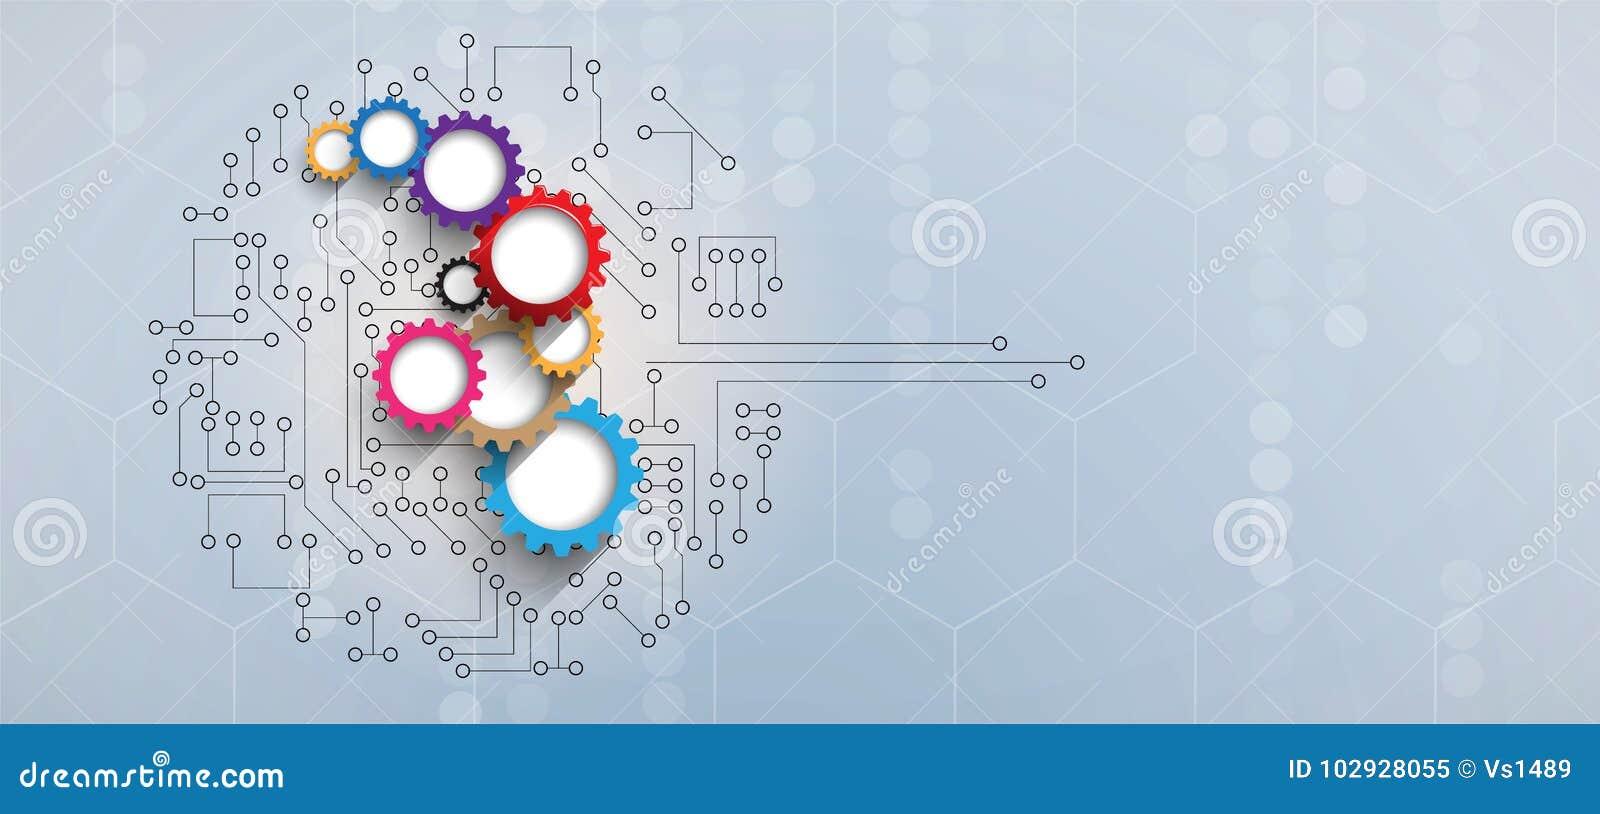 Tablero futurista abstracto b de la tecnología de Internet del ordenador del circuito